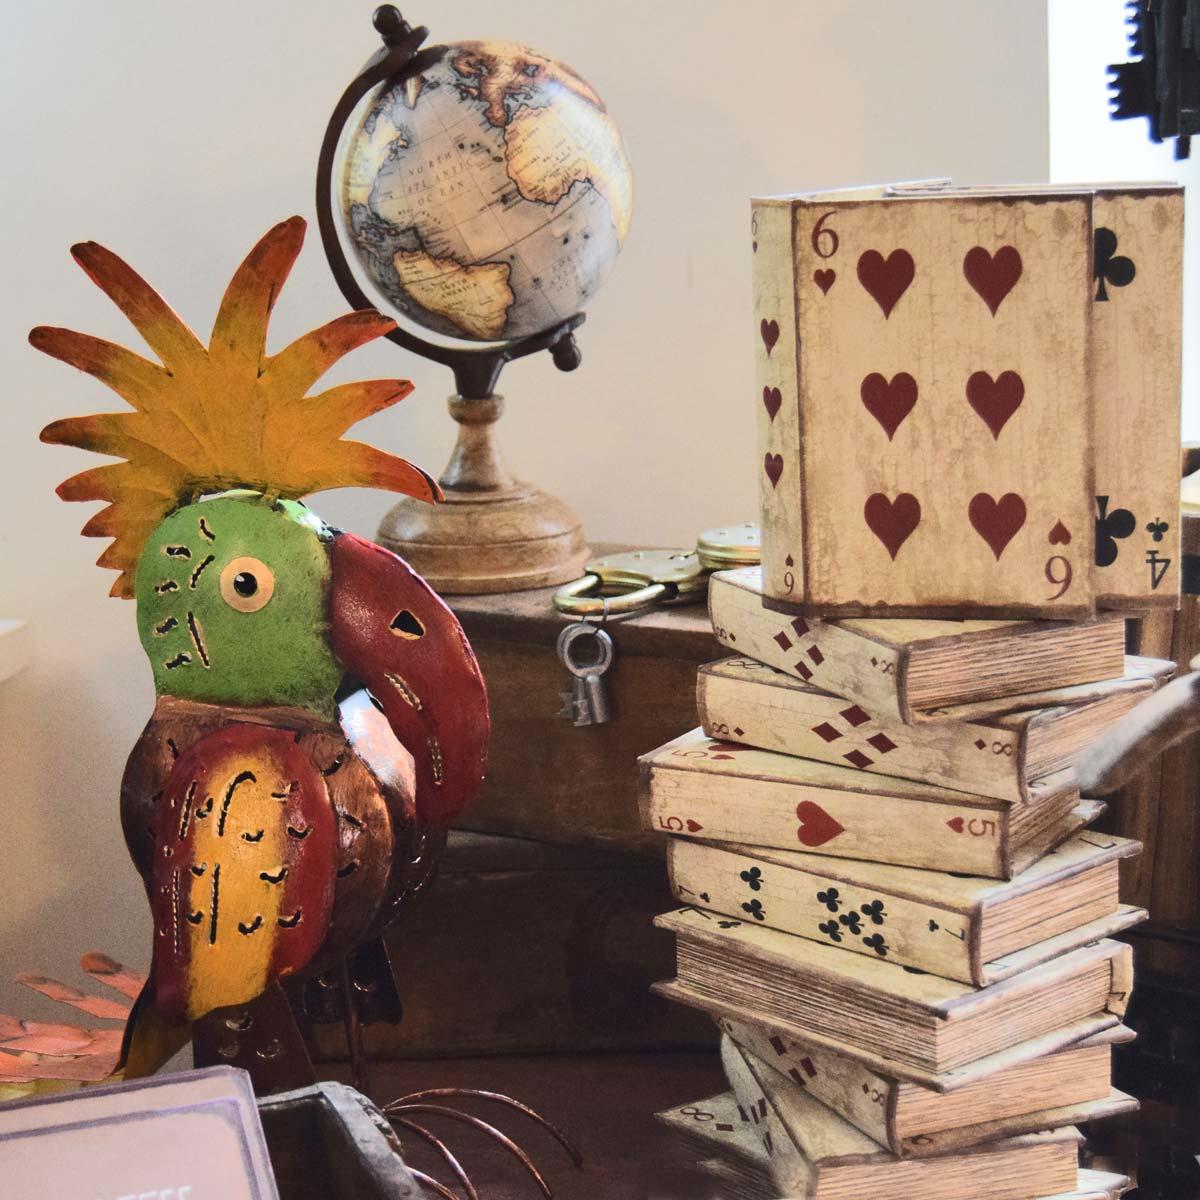 Papegøje i metal og træ-æsker til spillekort eller andet.